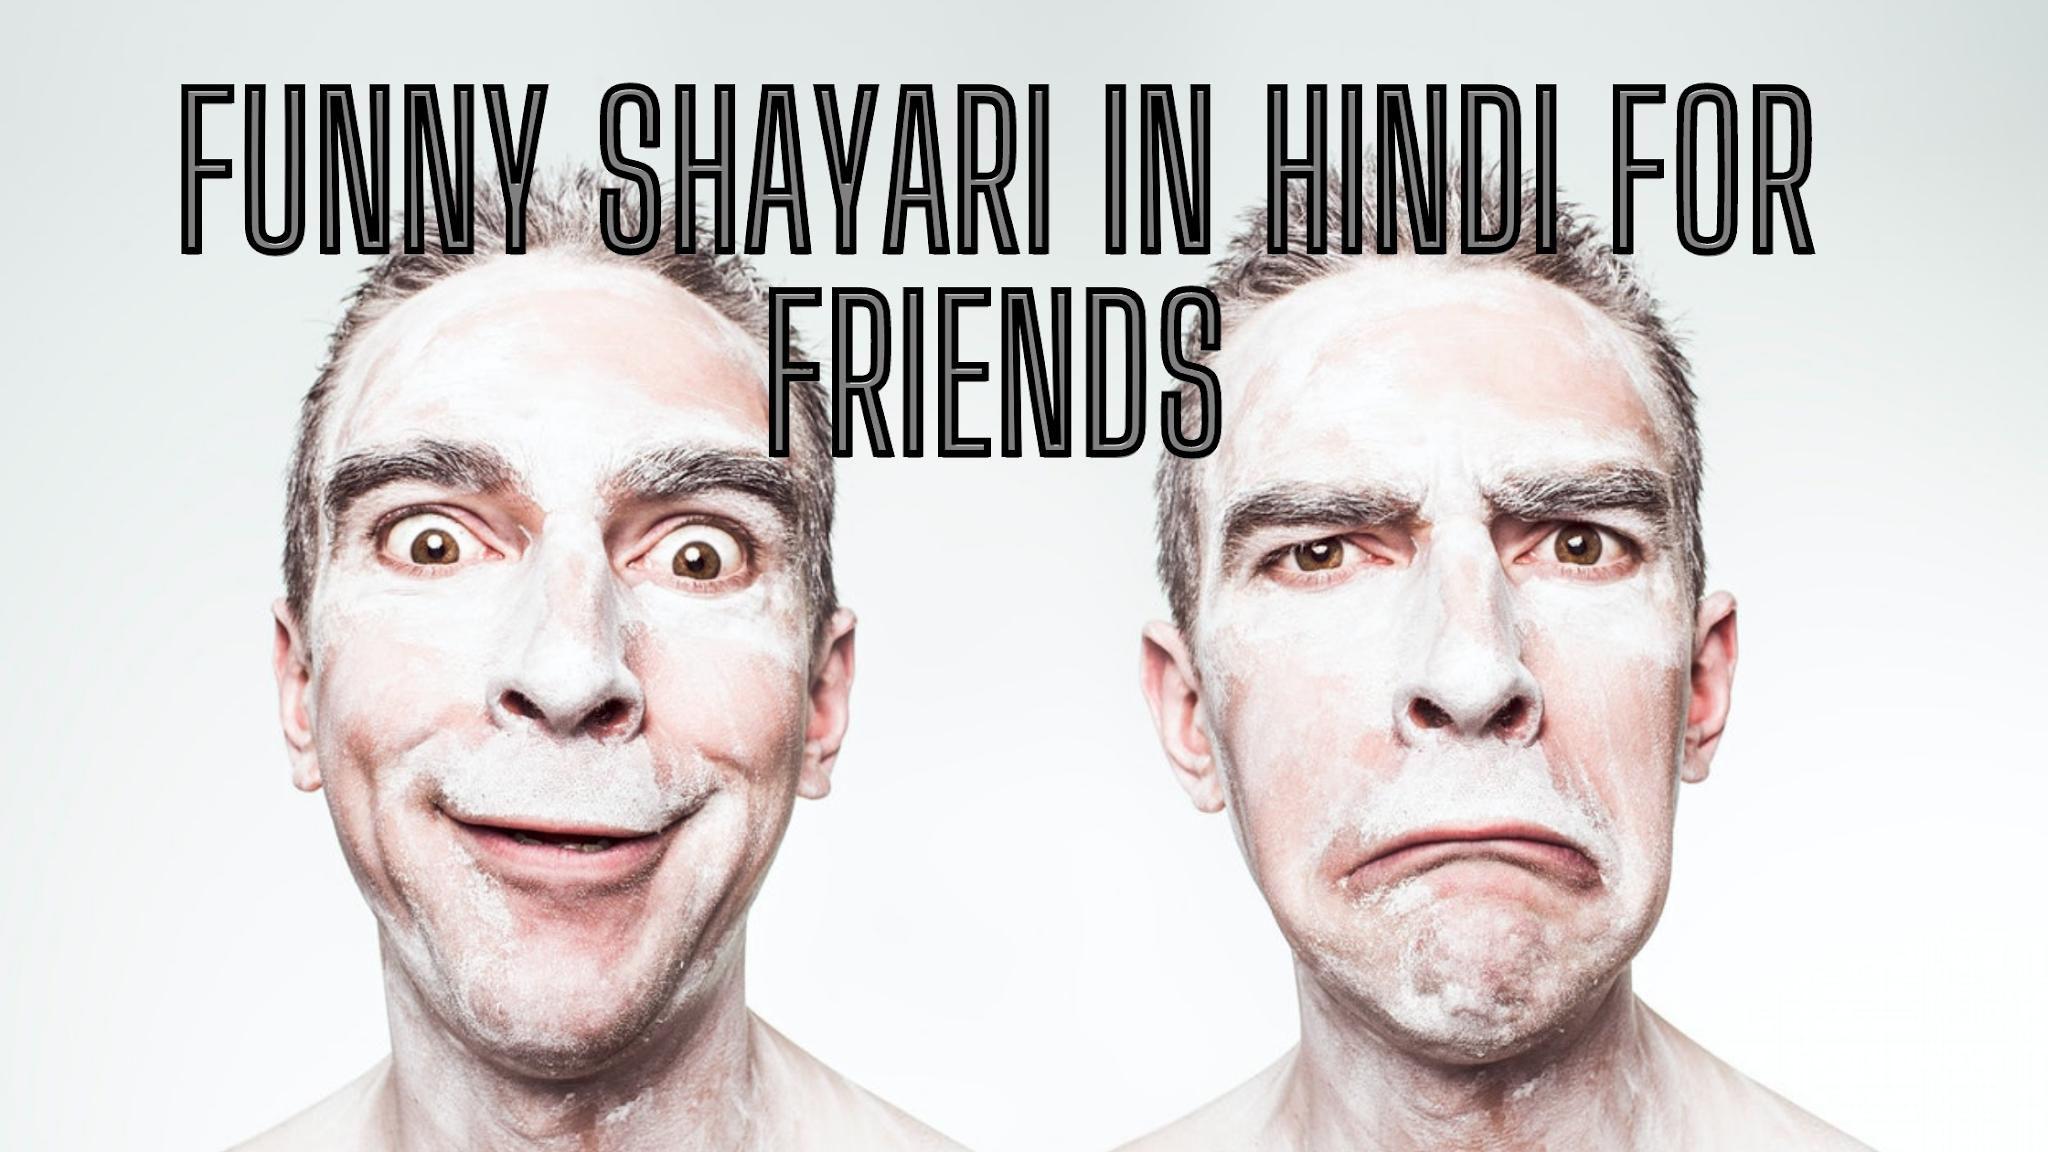 dosti shayari funny hindi, funny happy birthday shayari for friend, hindi shayari funny dosti, funny birthday shayari for friend in hindi, funny shayari in hindi for girlfriend, funny shayari for girlfriend, comedy shayari for friends.